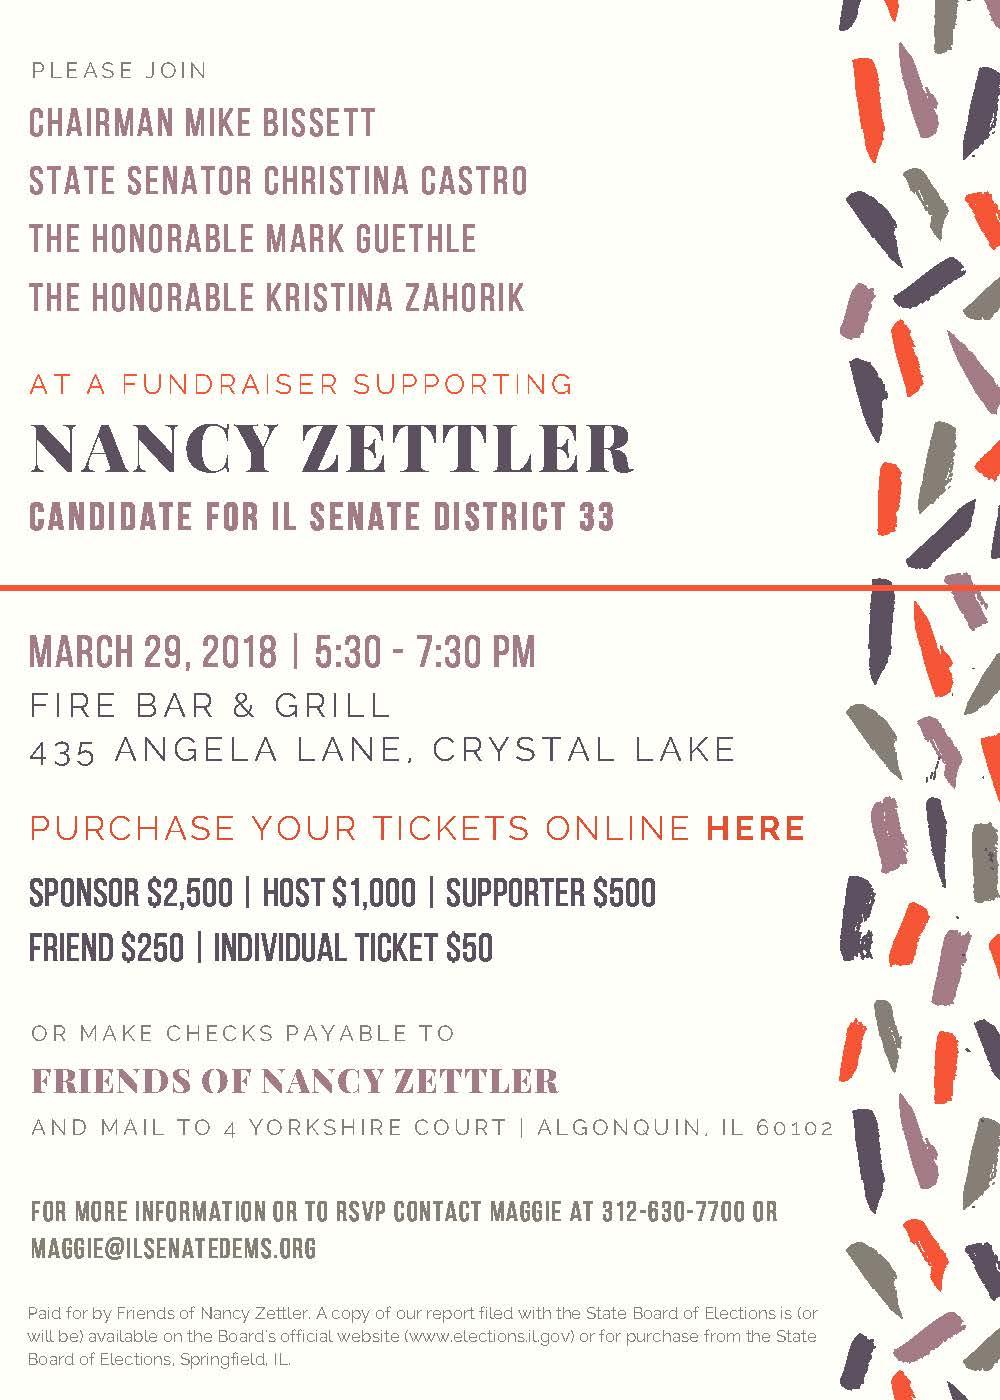 Nancy Zettler Fundraiser